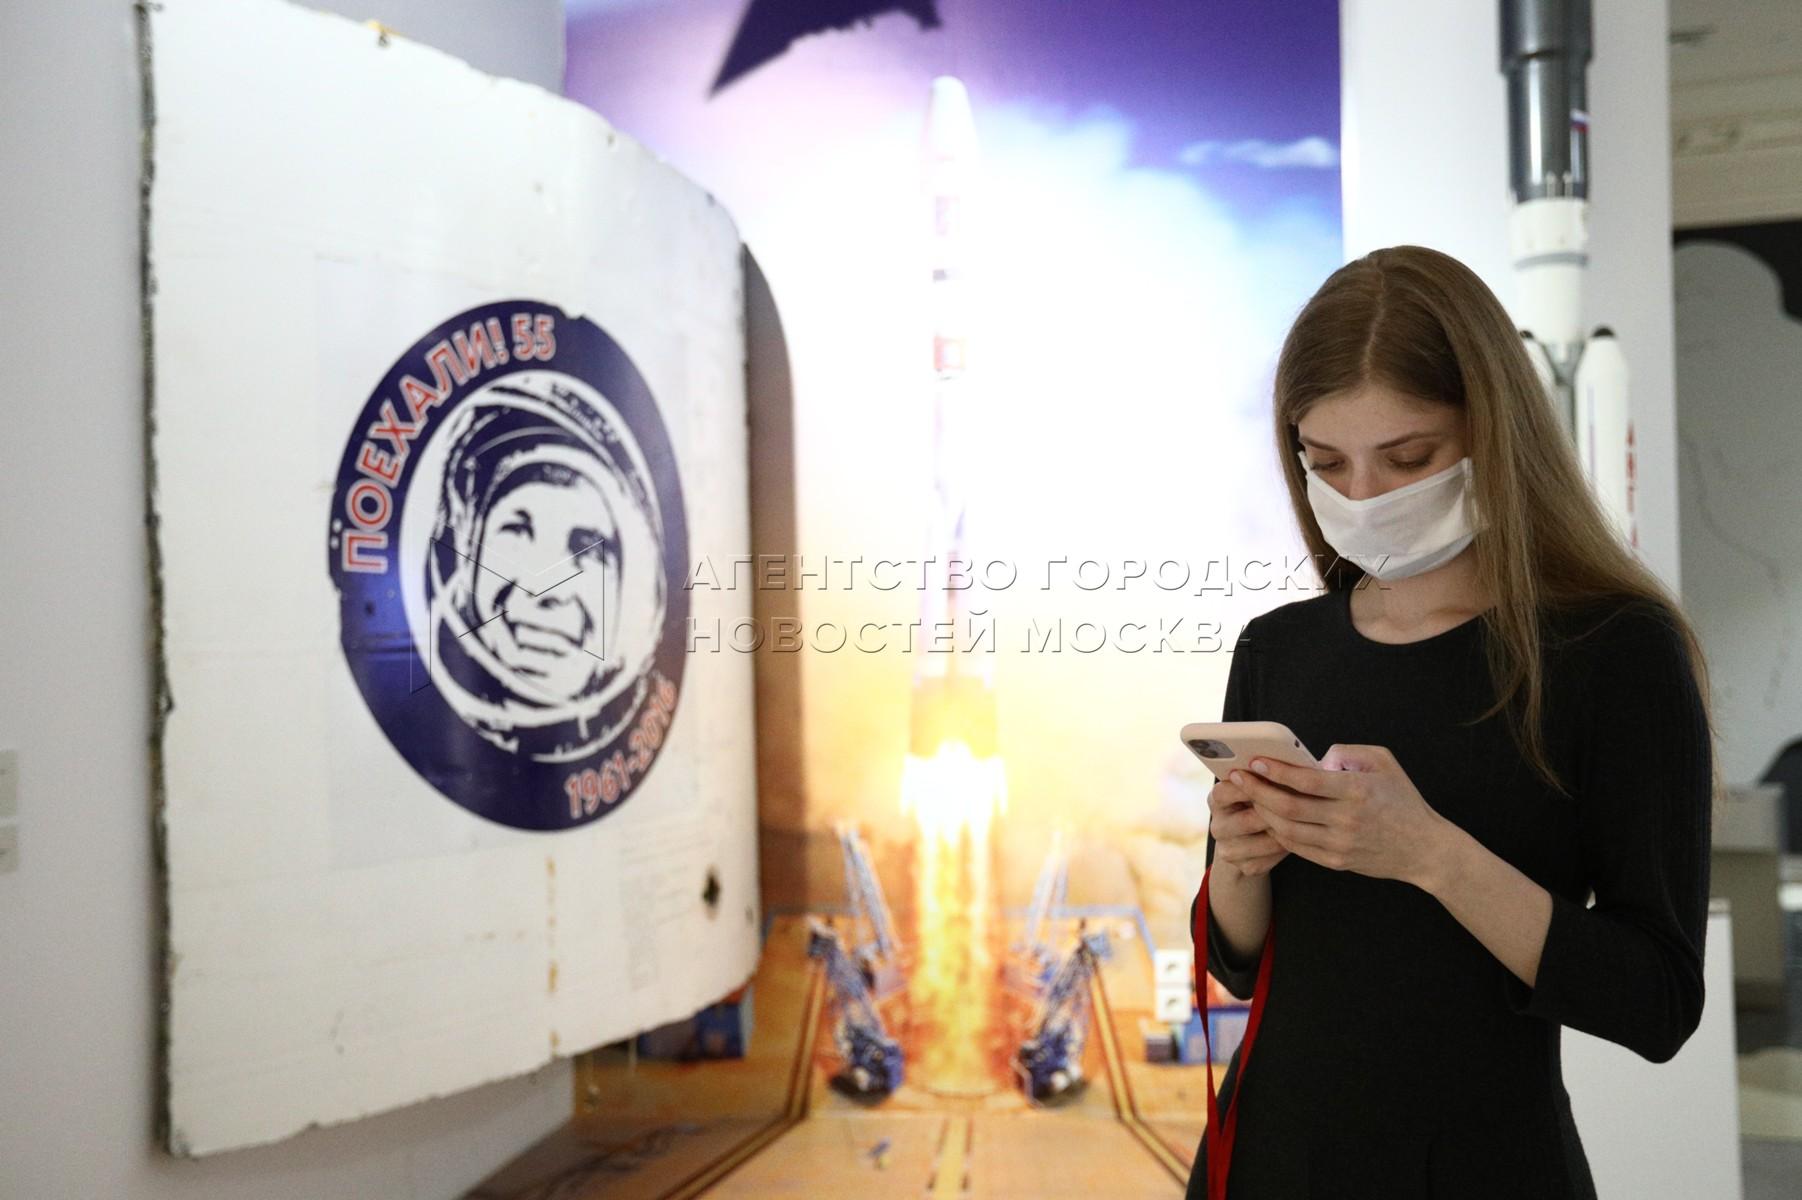 Залы XXI века с актуализированной экспозицией в Музее современной истории России.